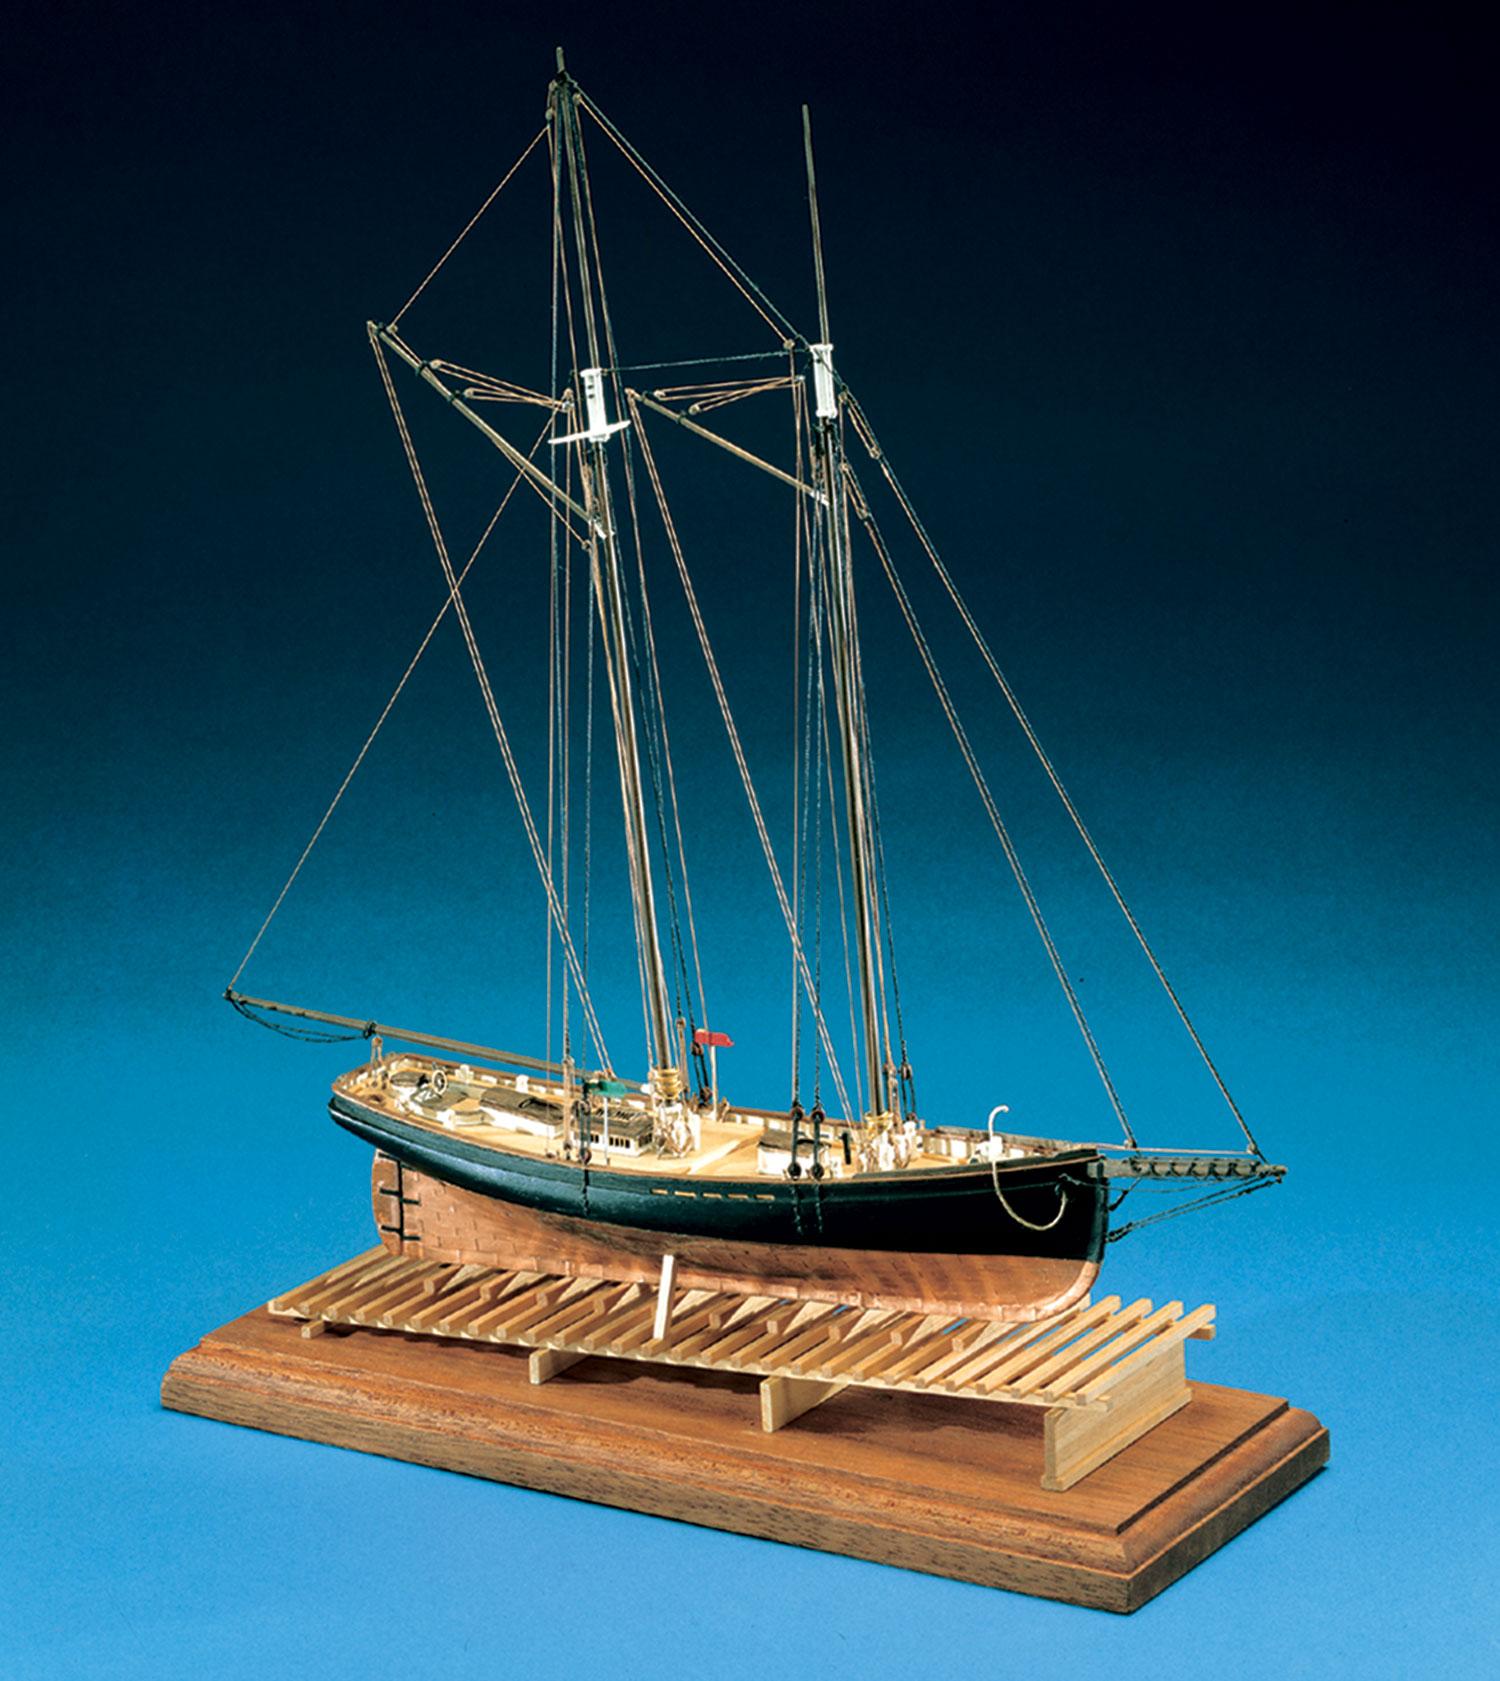 Model Expo Phantom Ny Pilot Boat 1 96 Scale